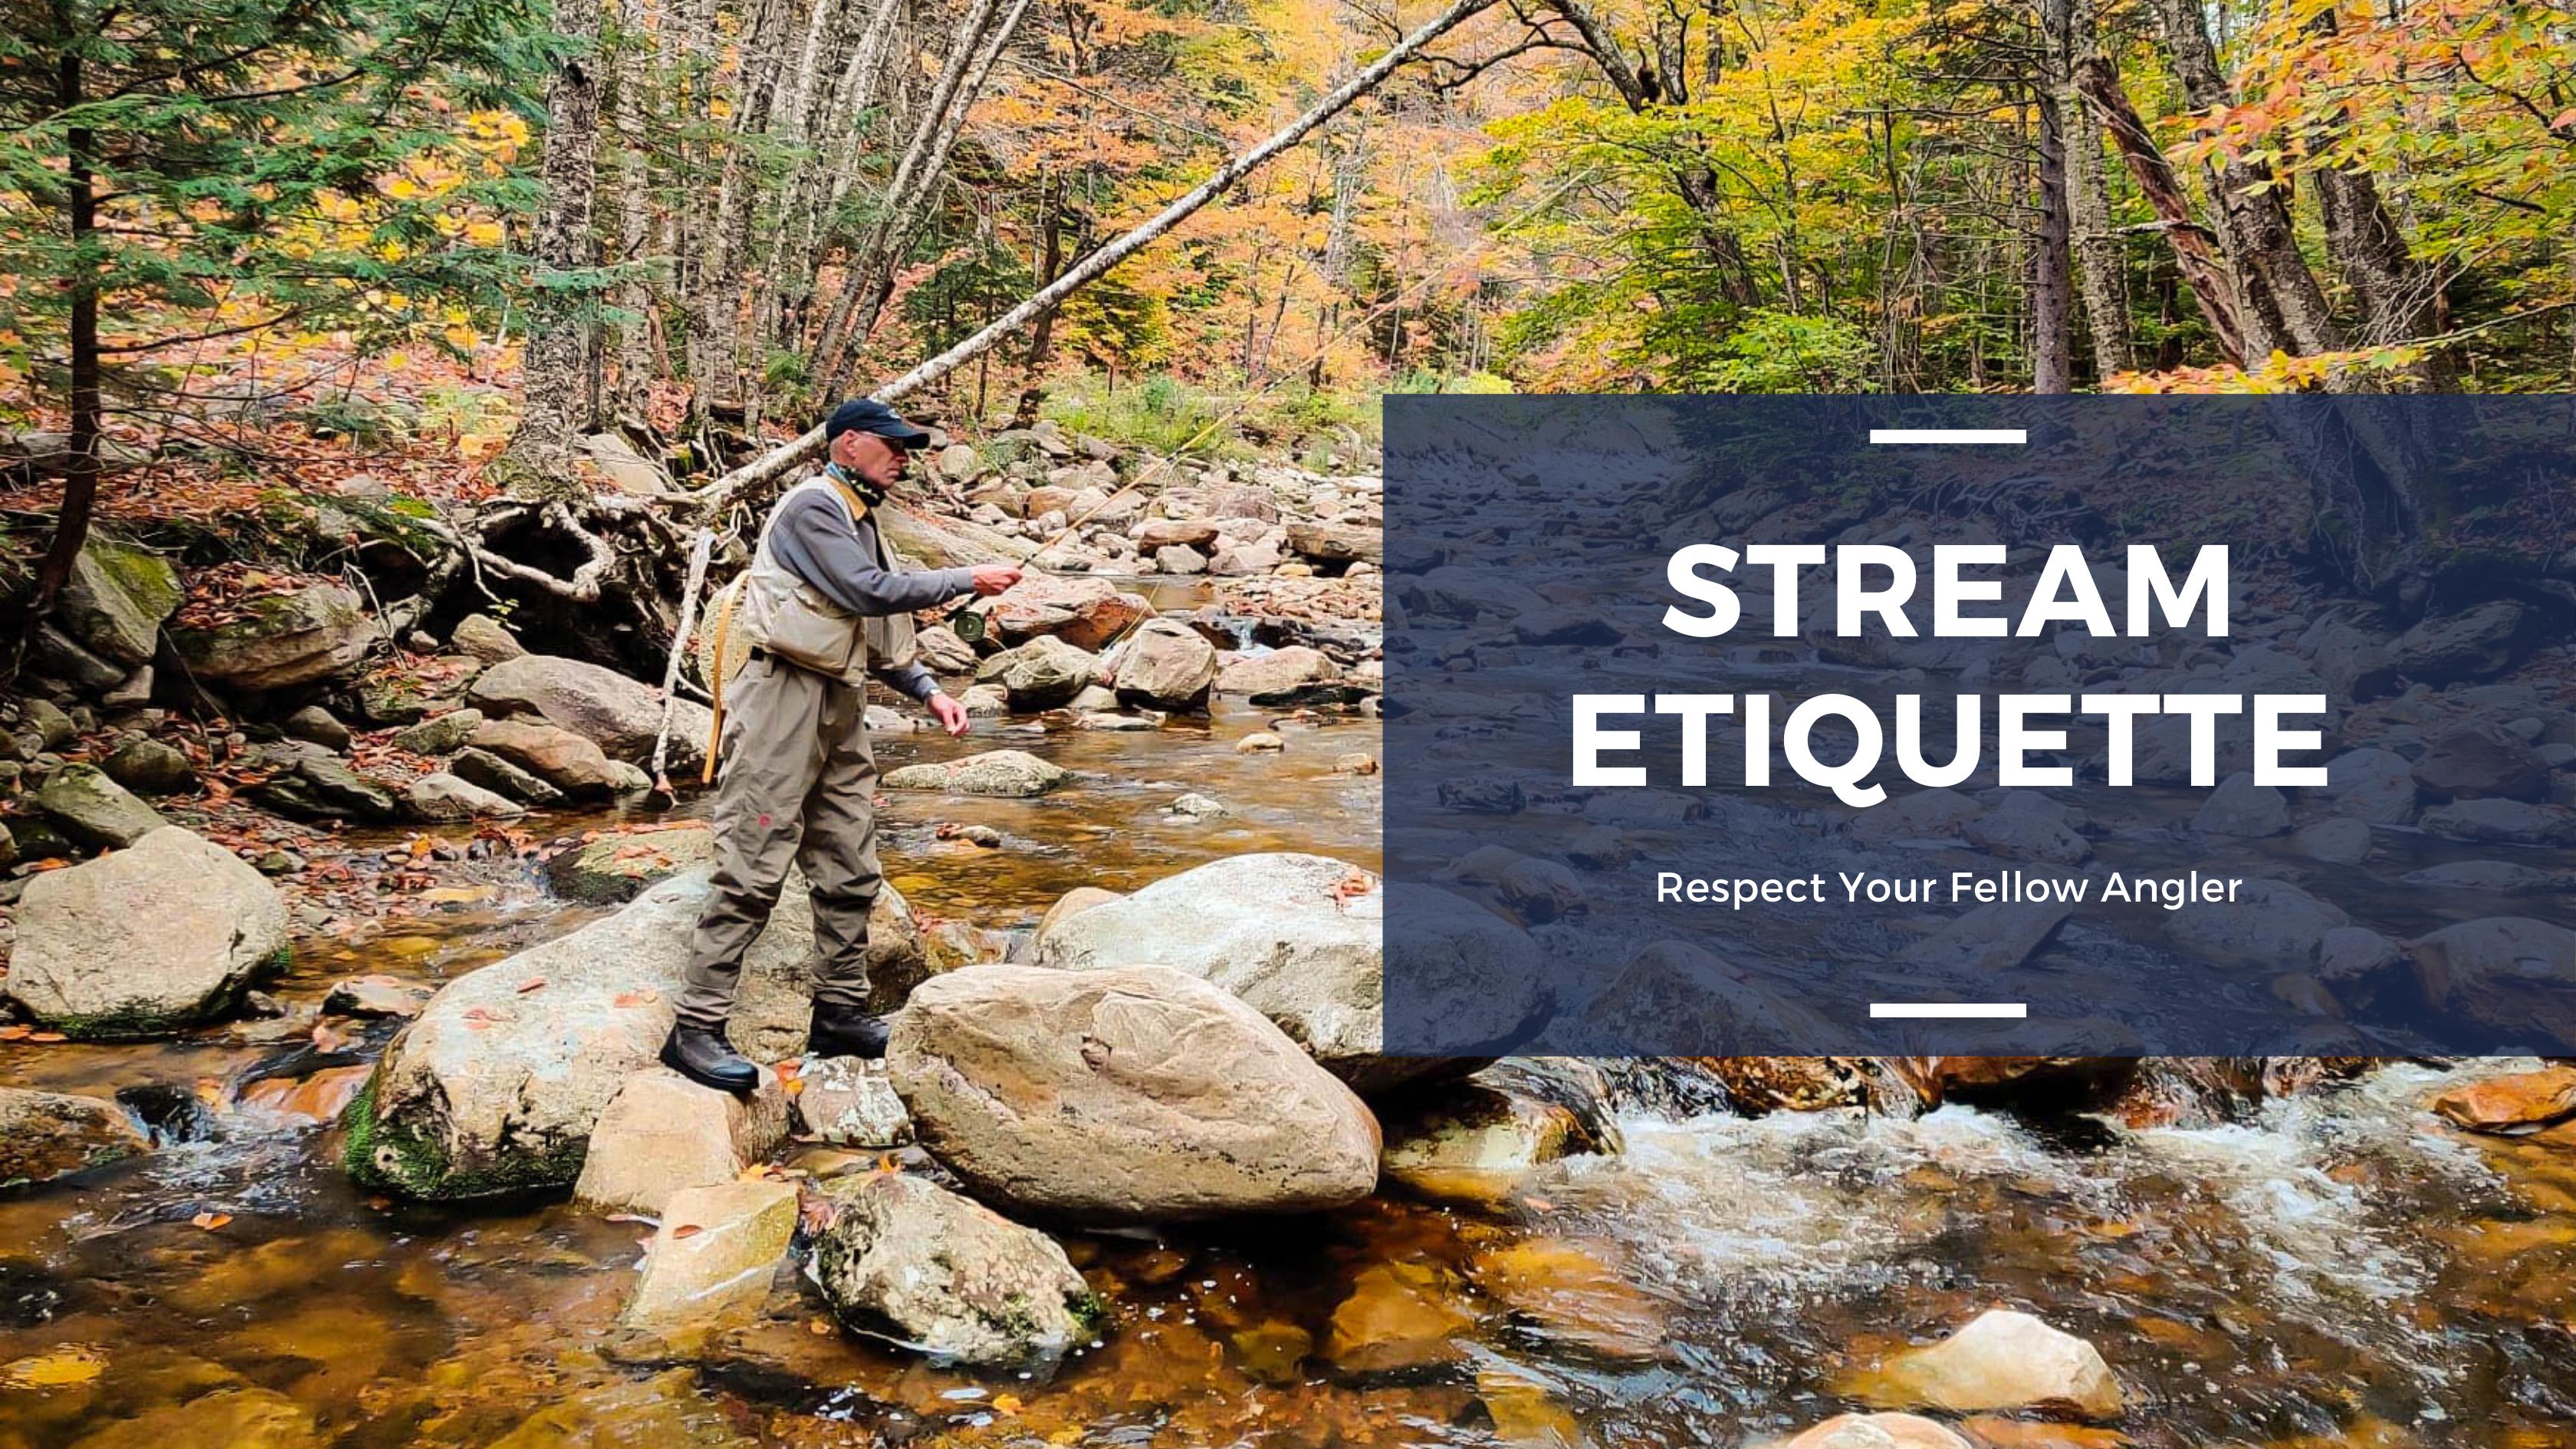 Stream Etiquette: Respect Your Fellow Angler